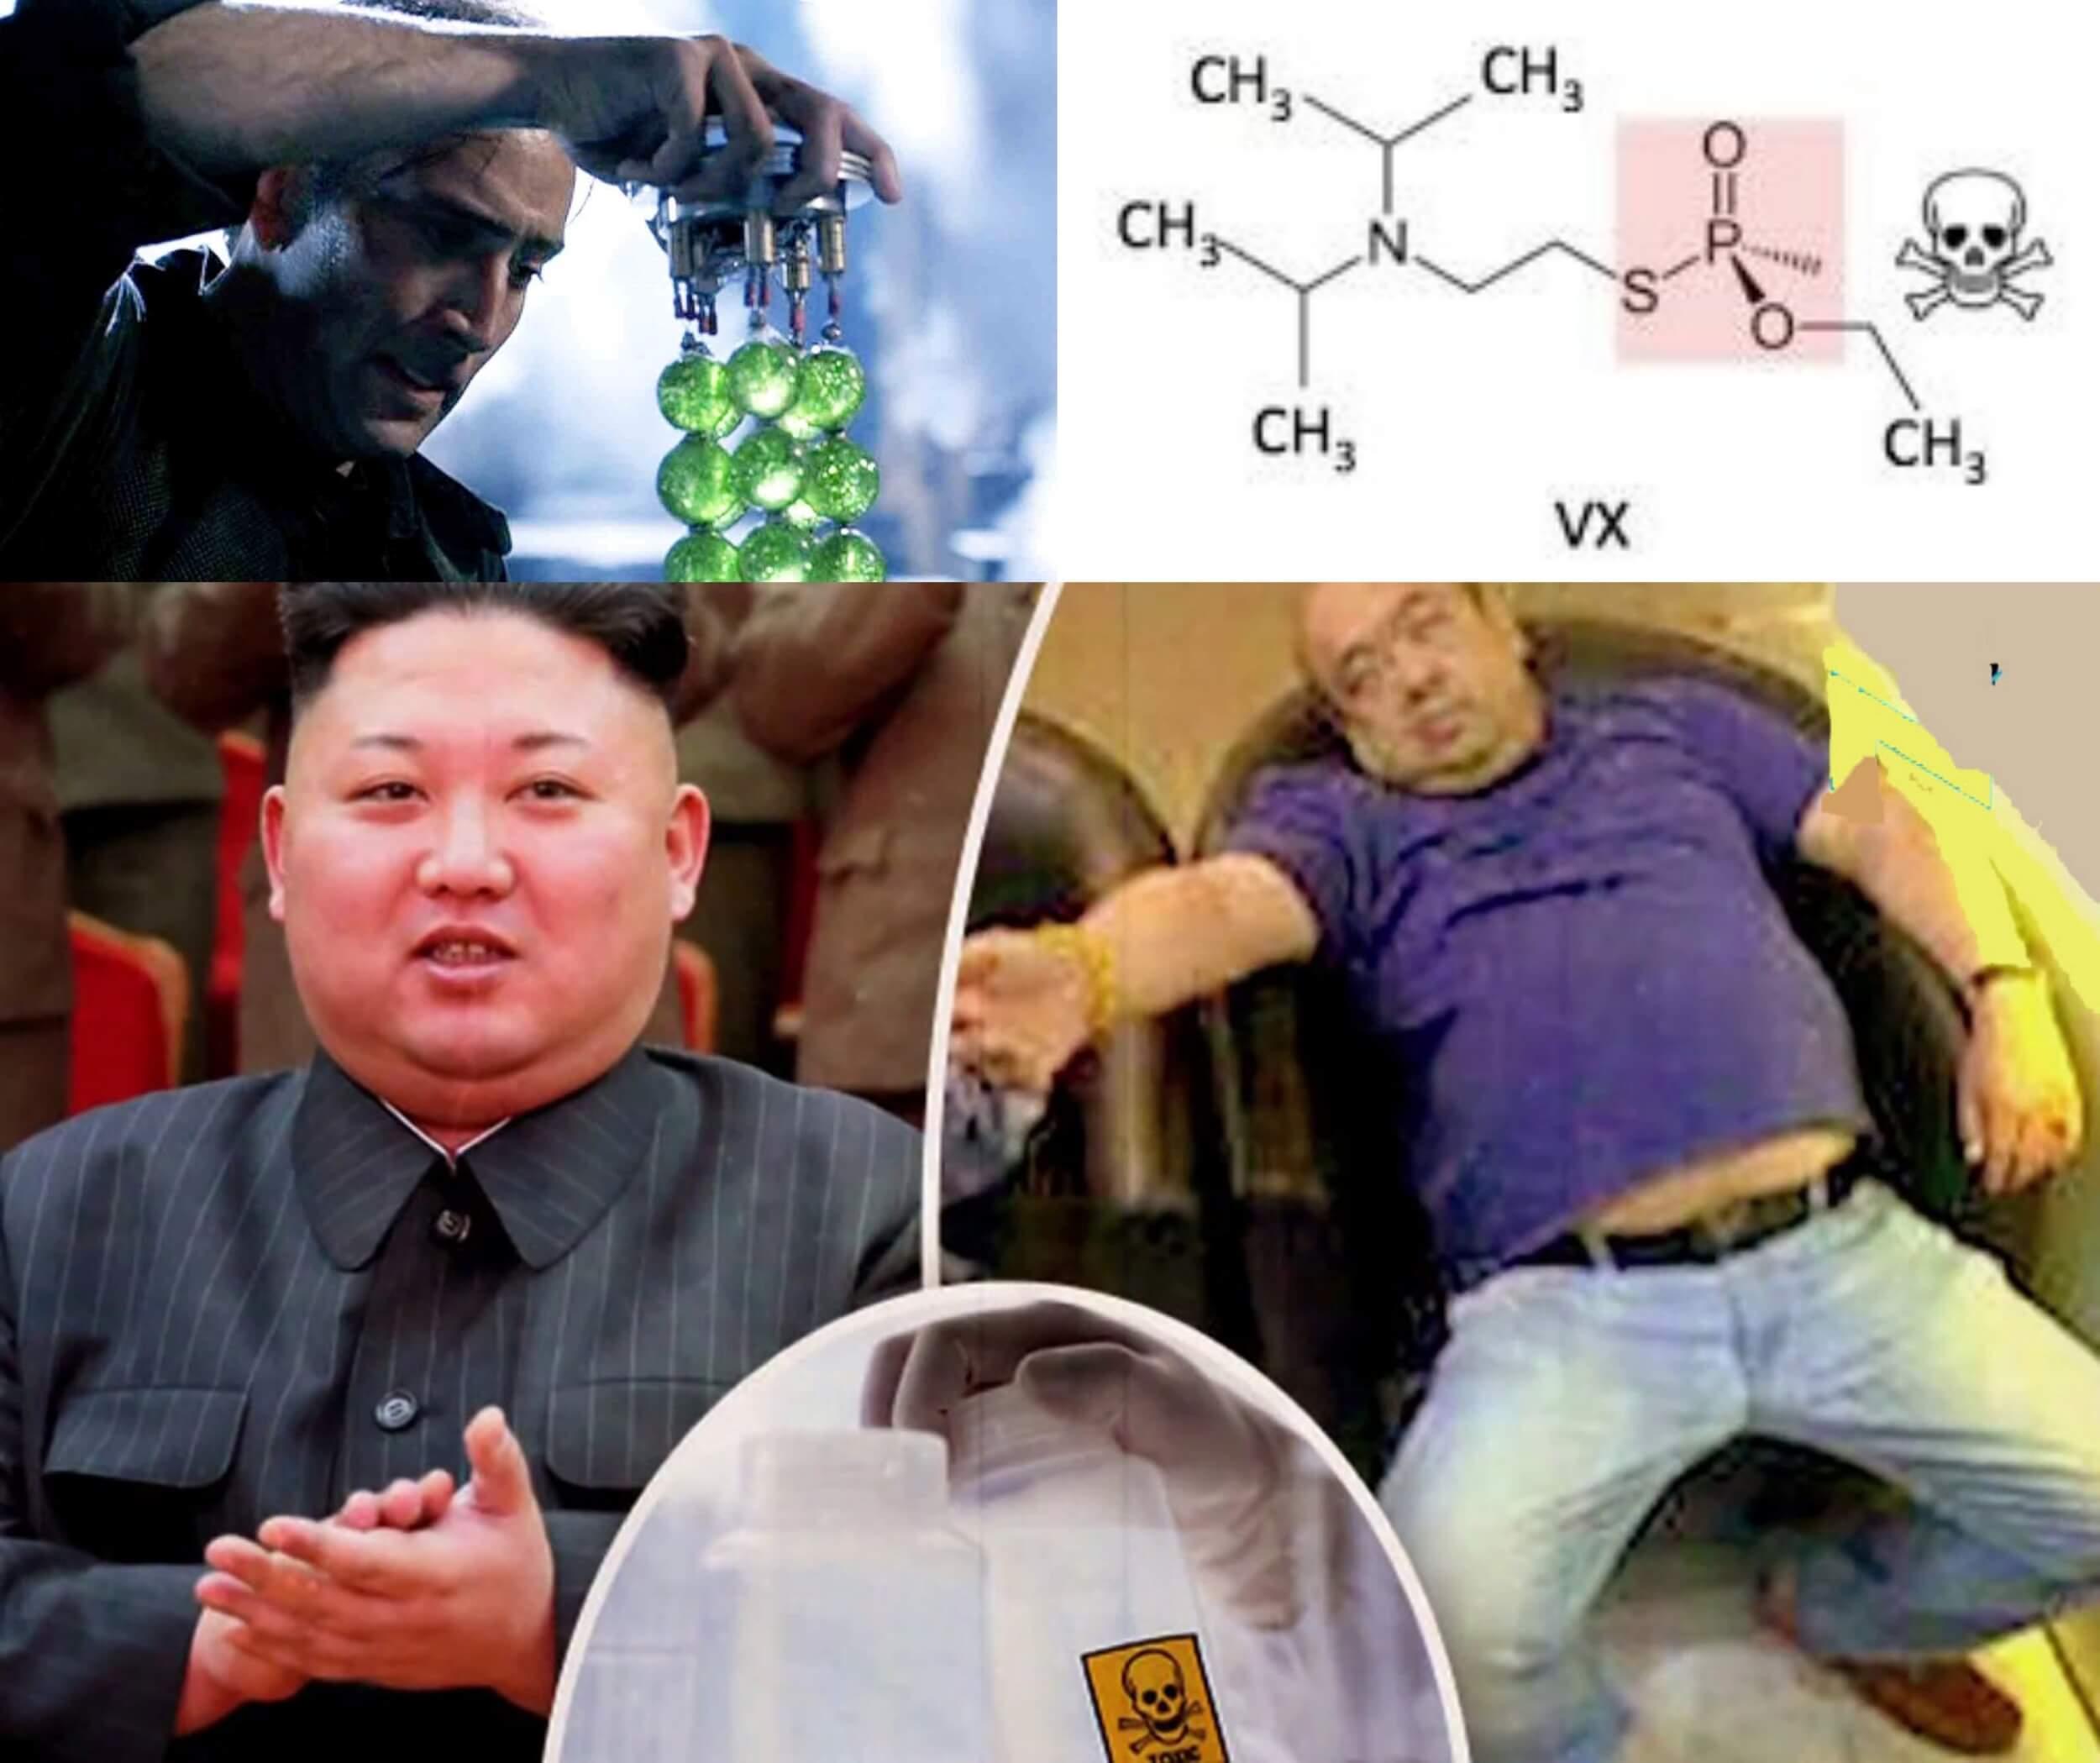 vx poison